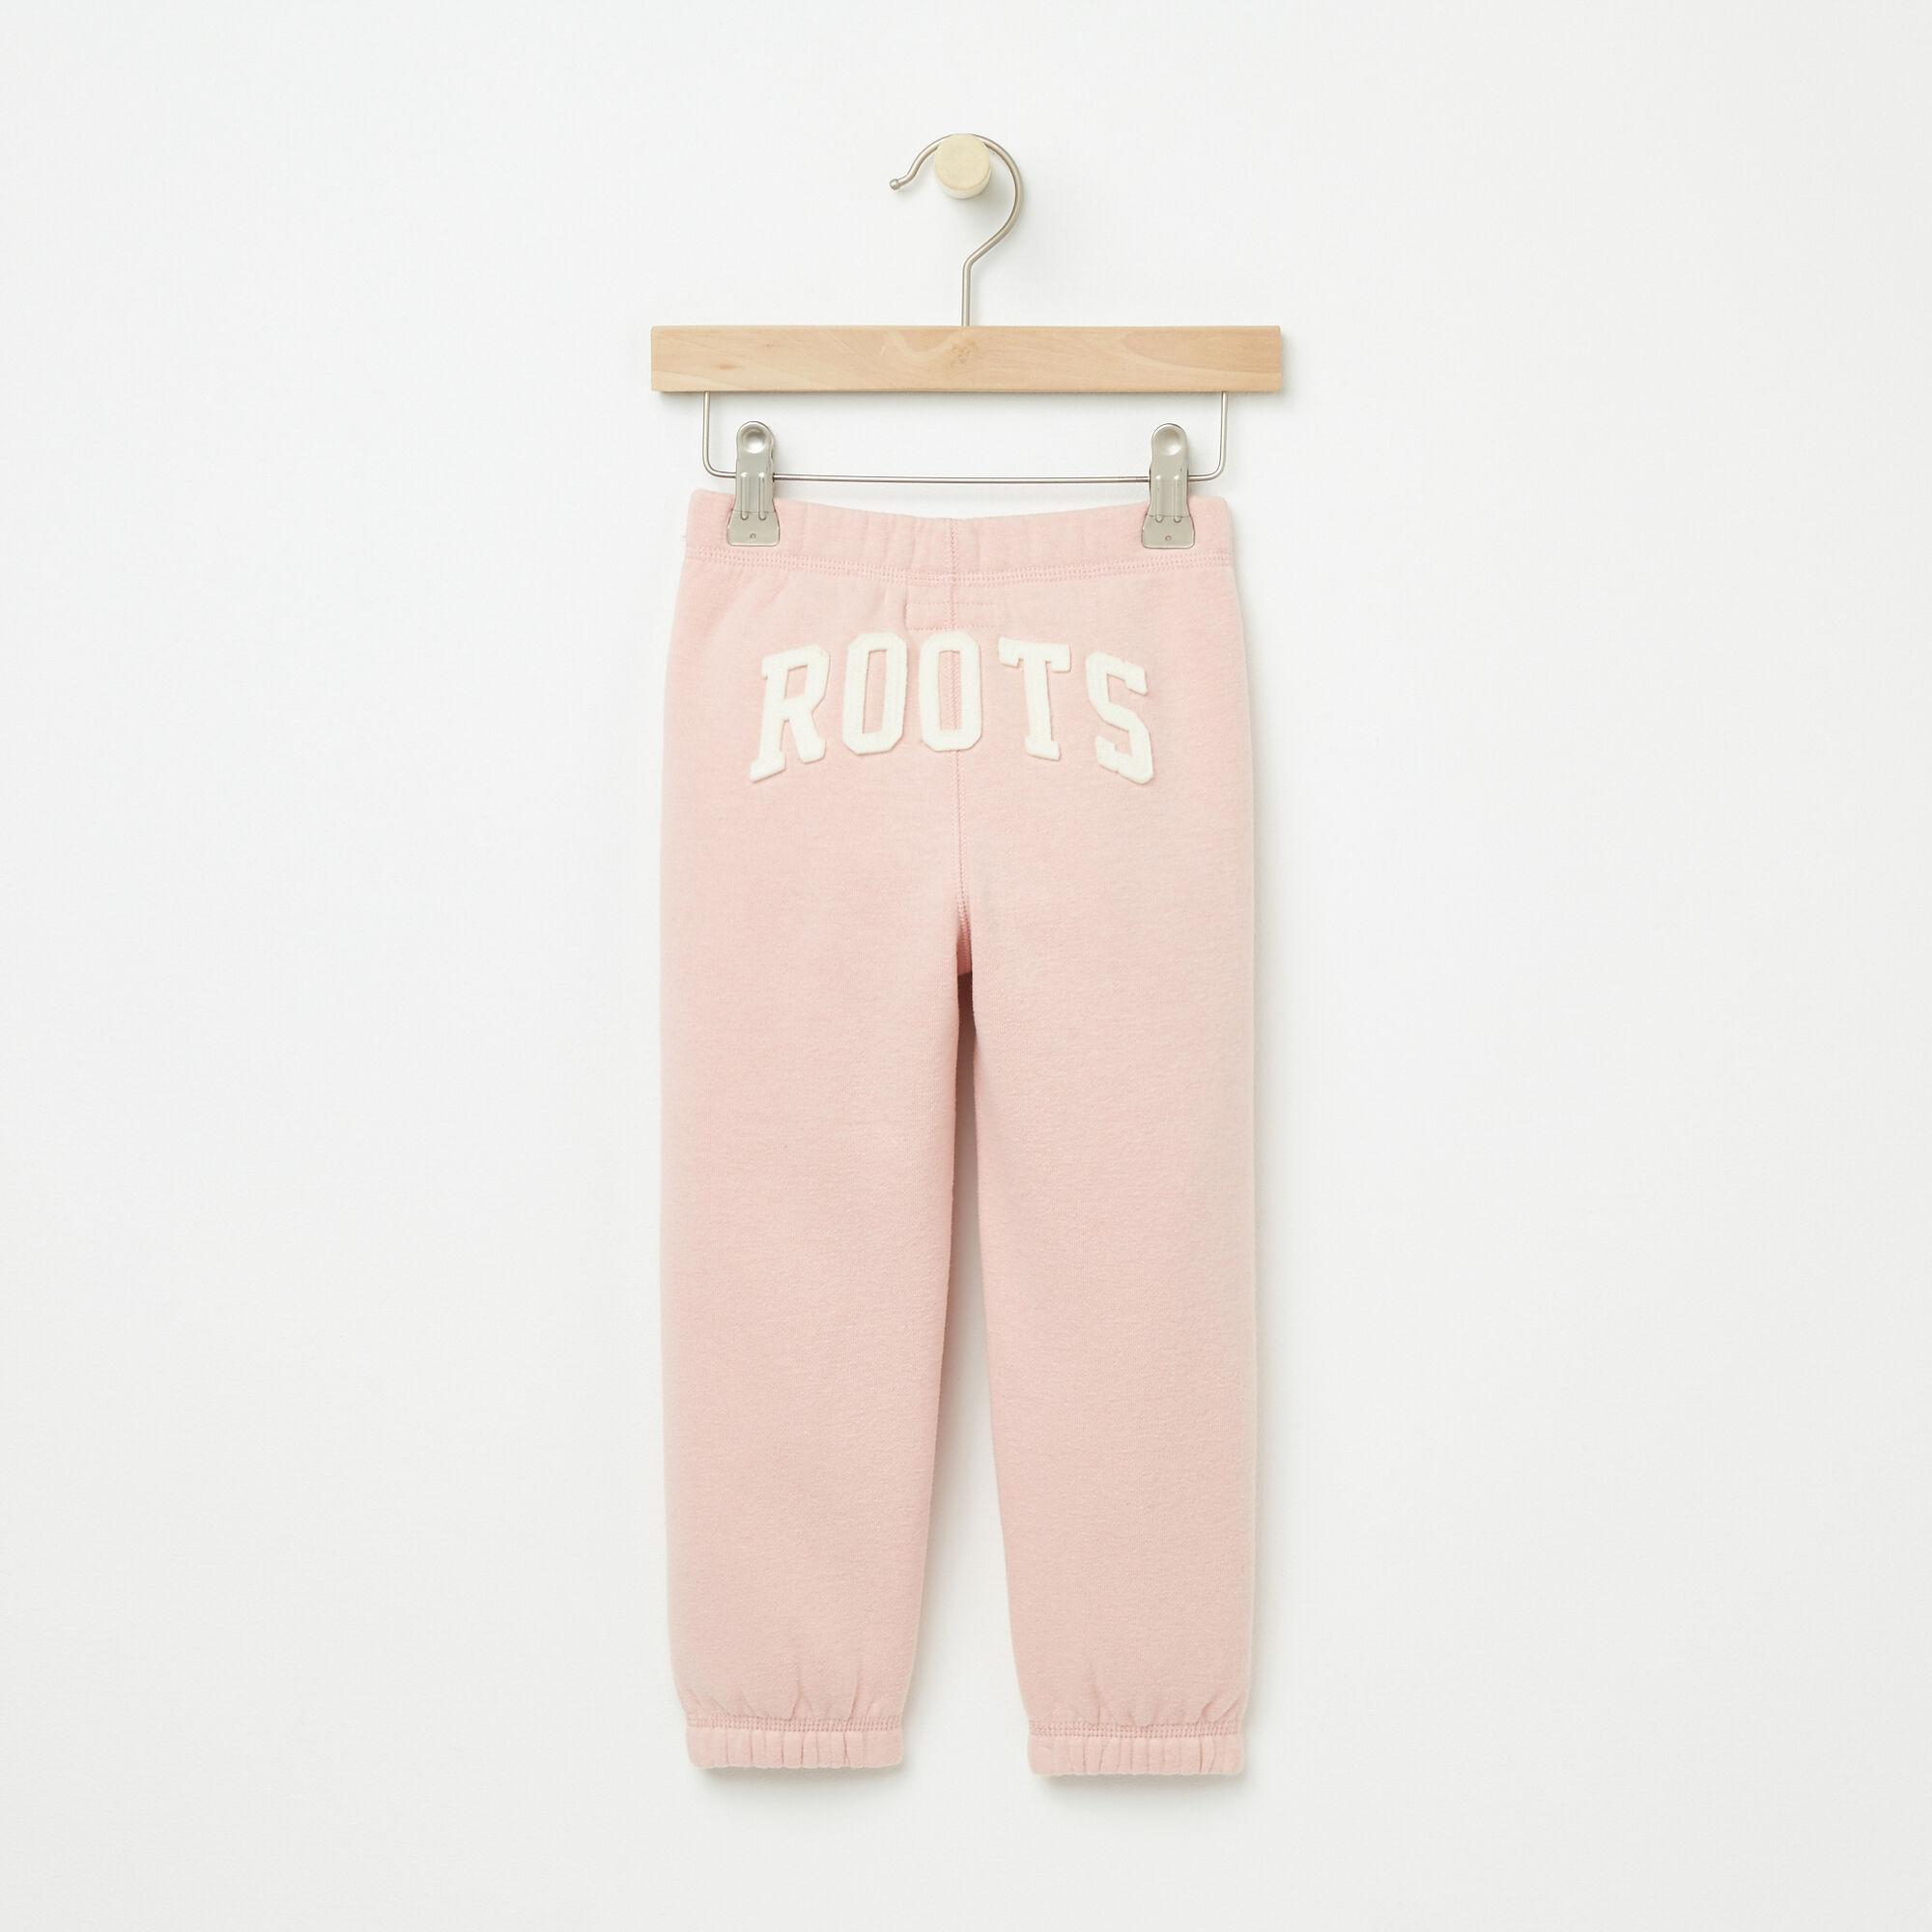 Tout-Petits Pant Ajusté Coton Ouaté Roots